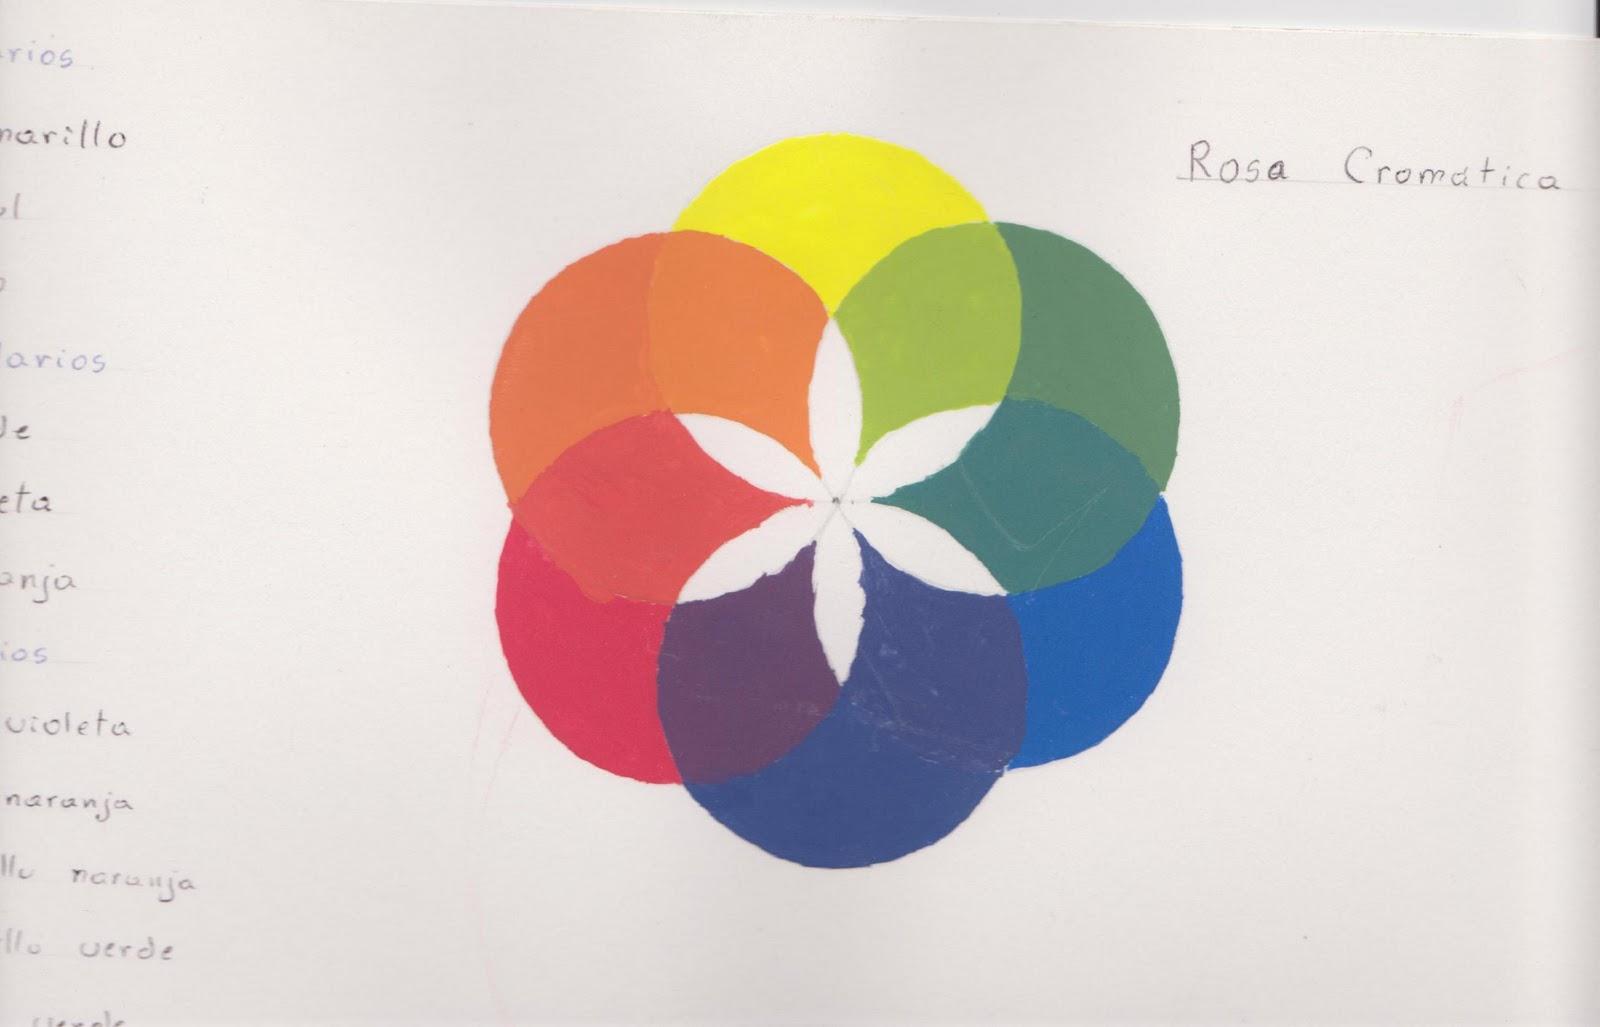 ARTE GRAFICO: ROSA CROMATICA